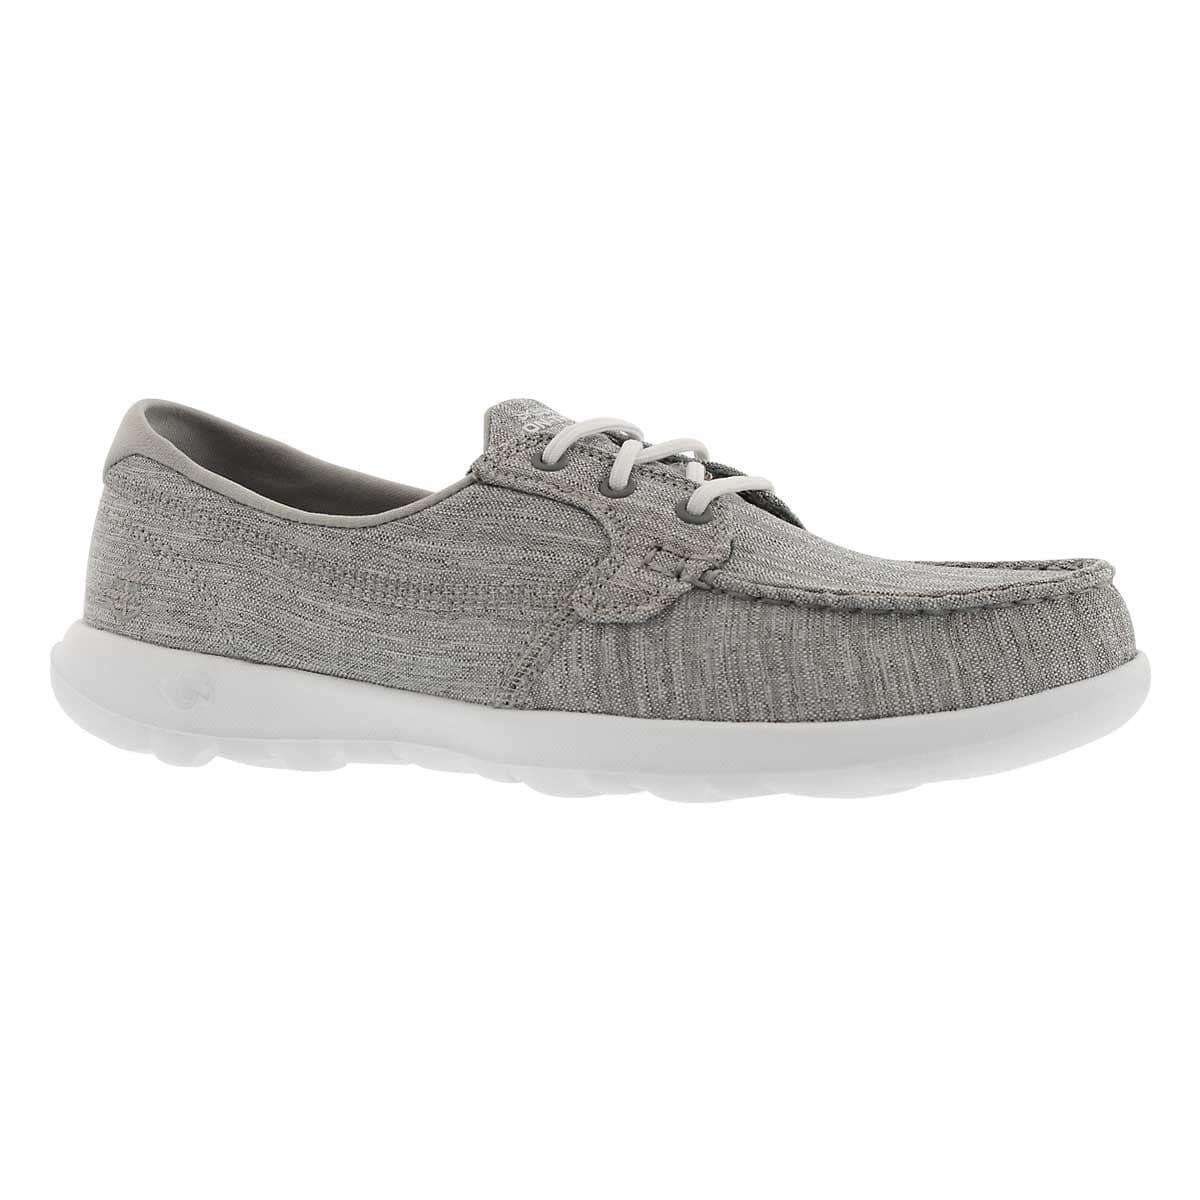 Lds GO Walk Lite grey boat shoe